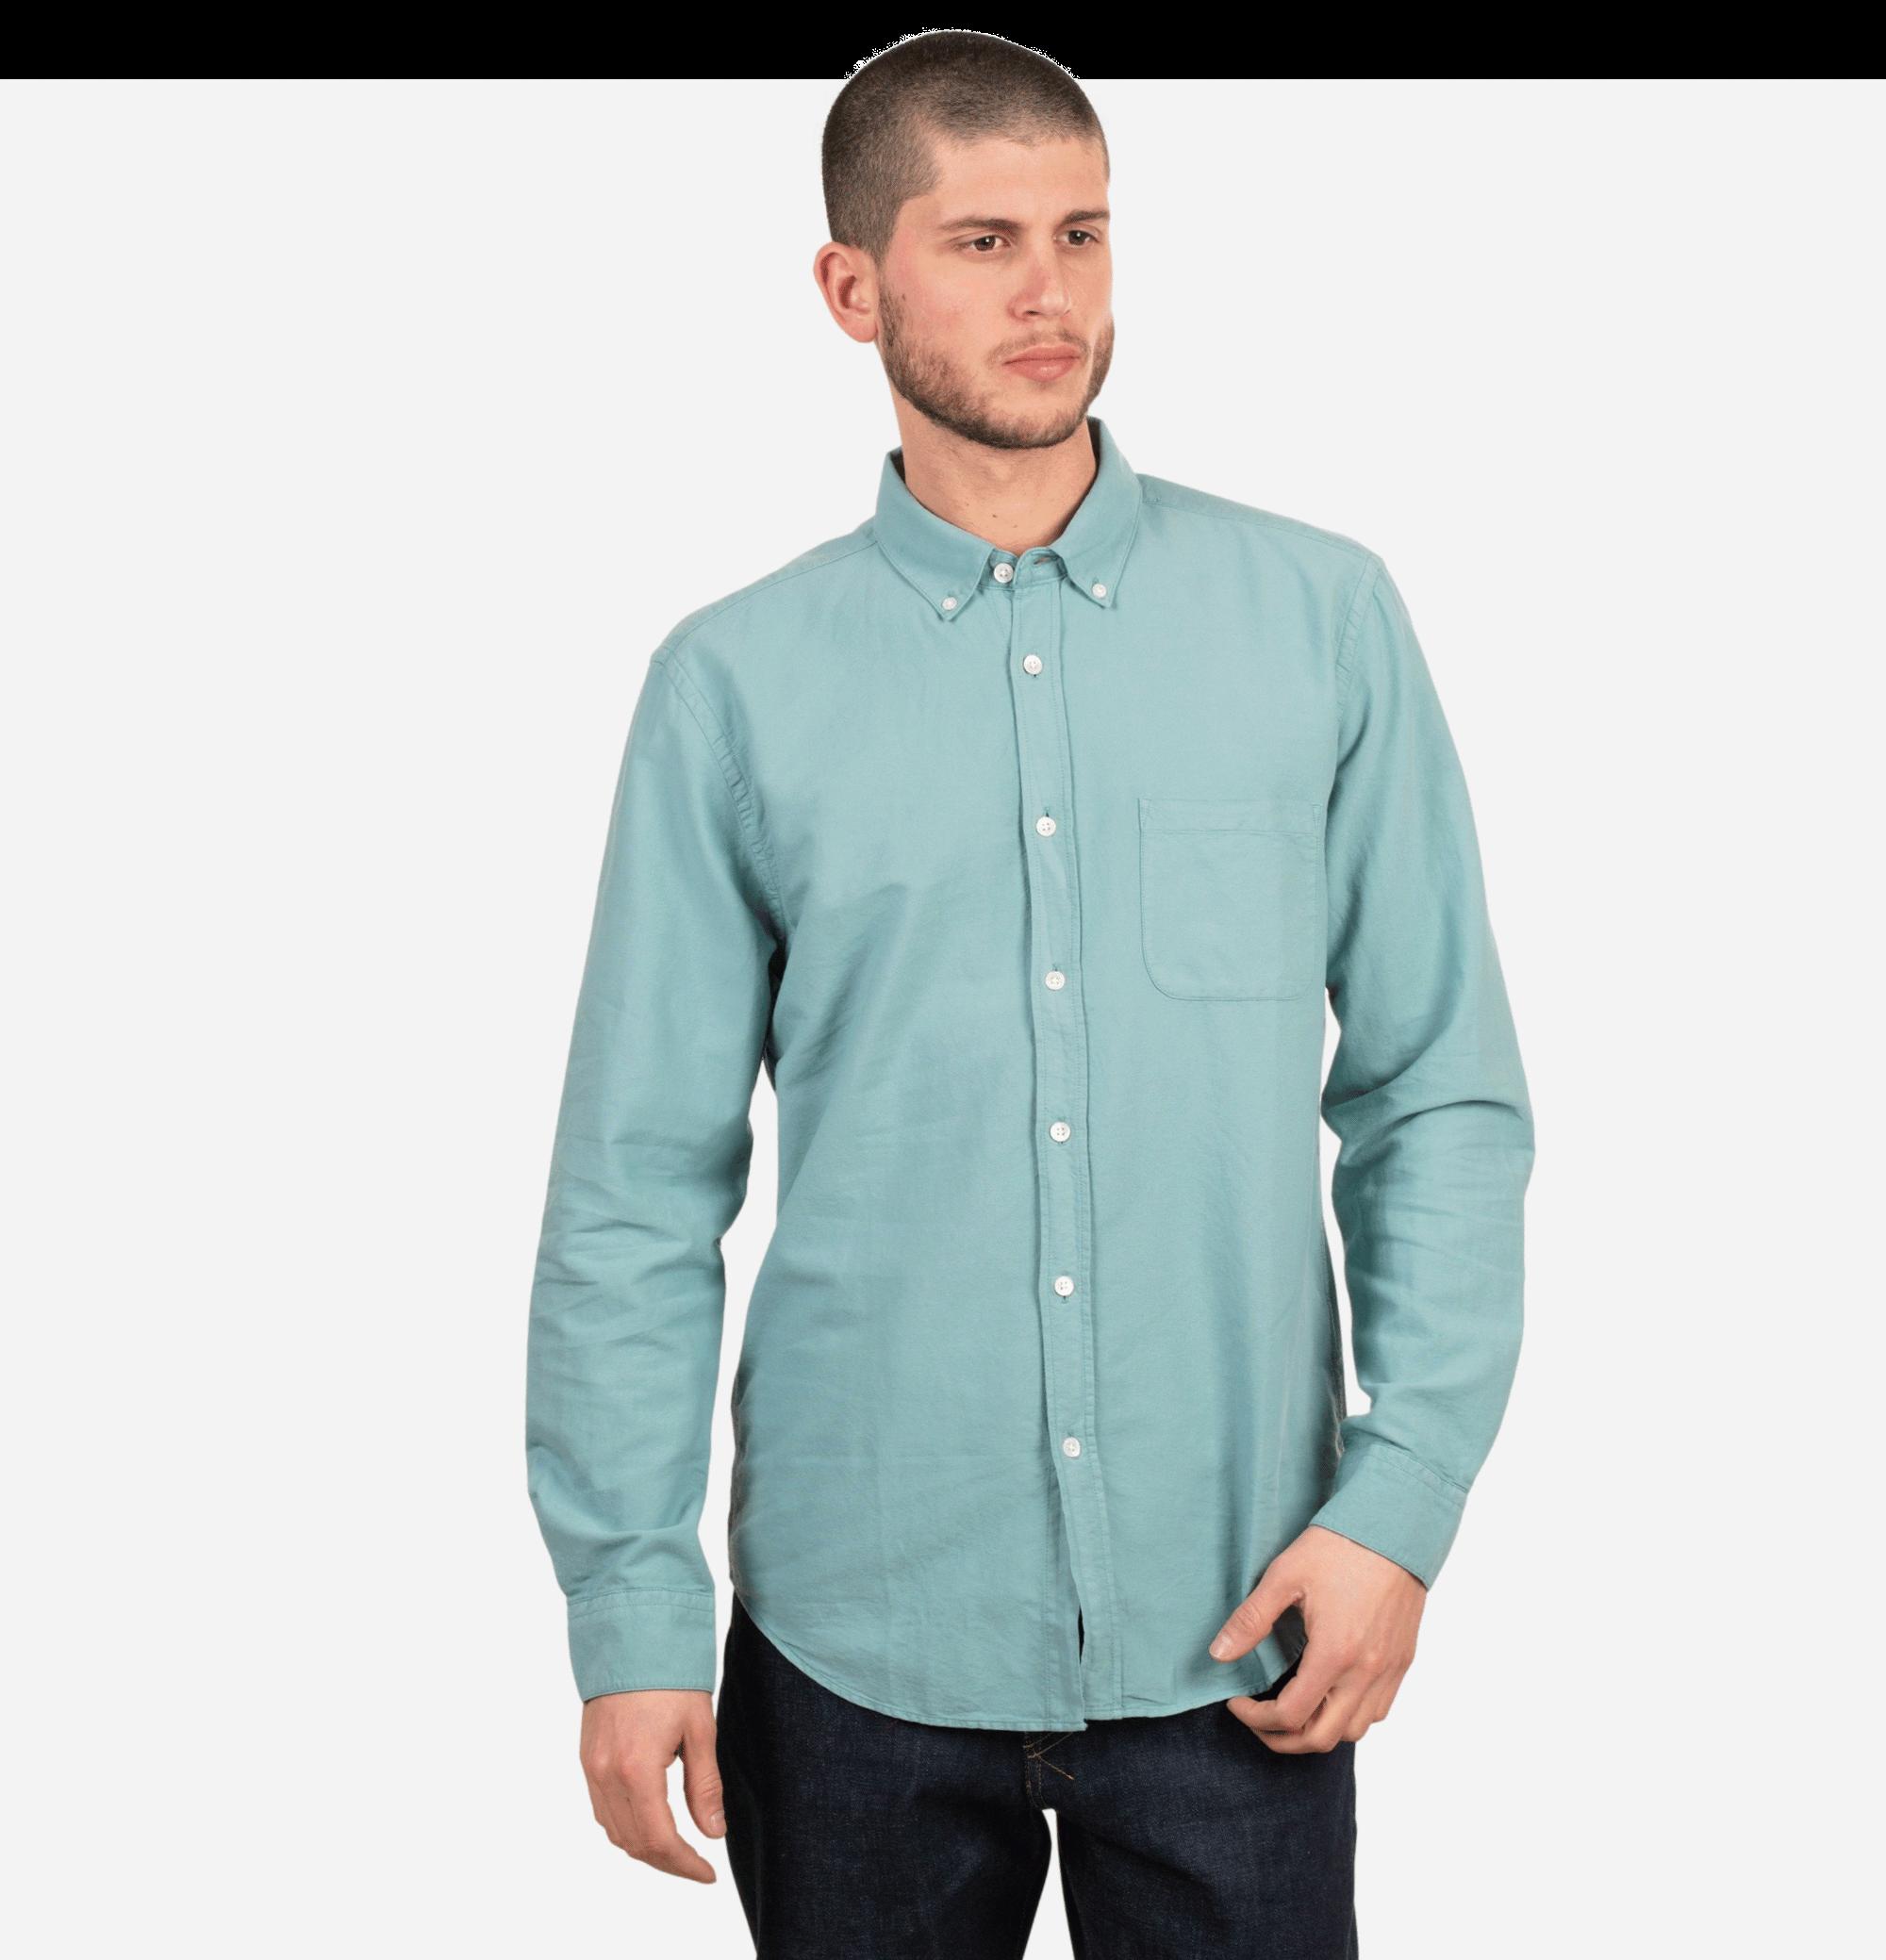 Belavista Shirt Verdette